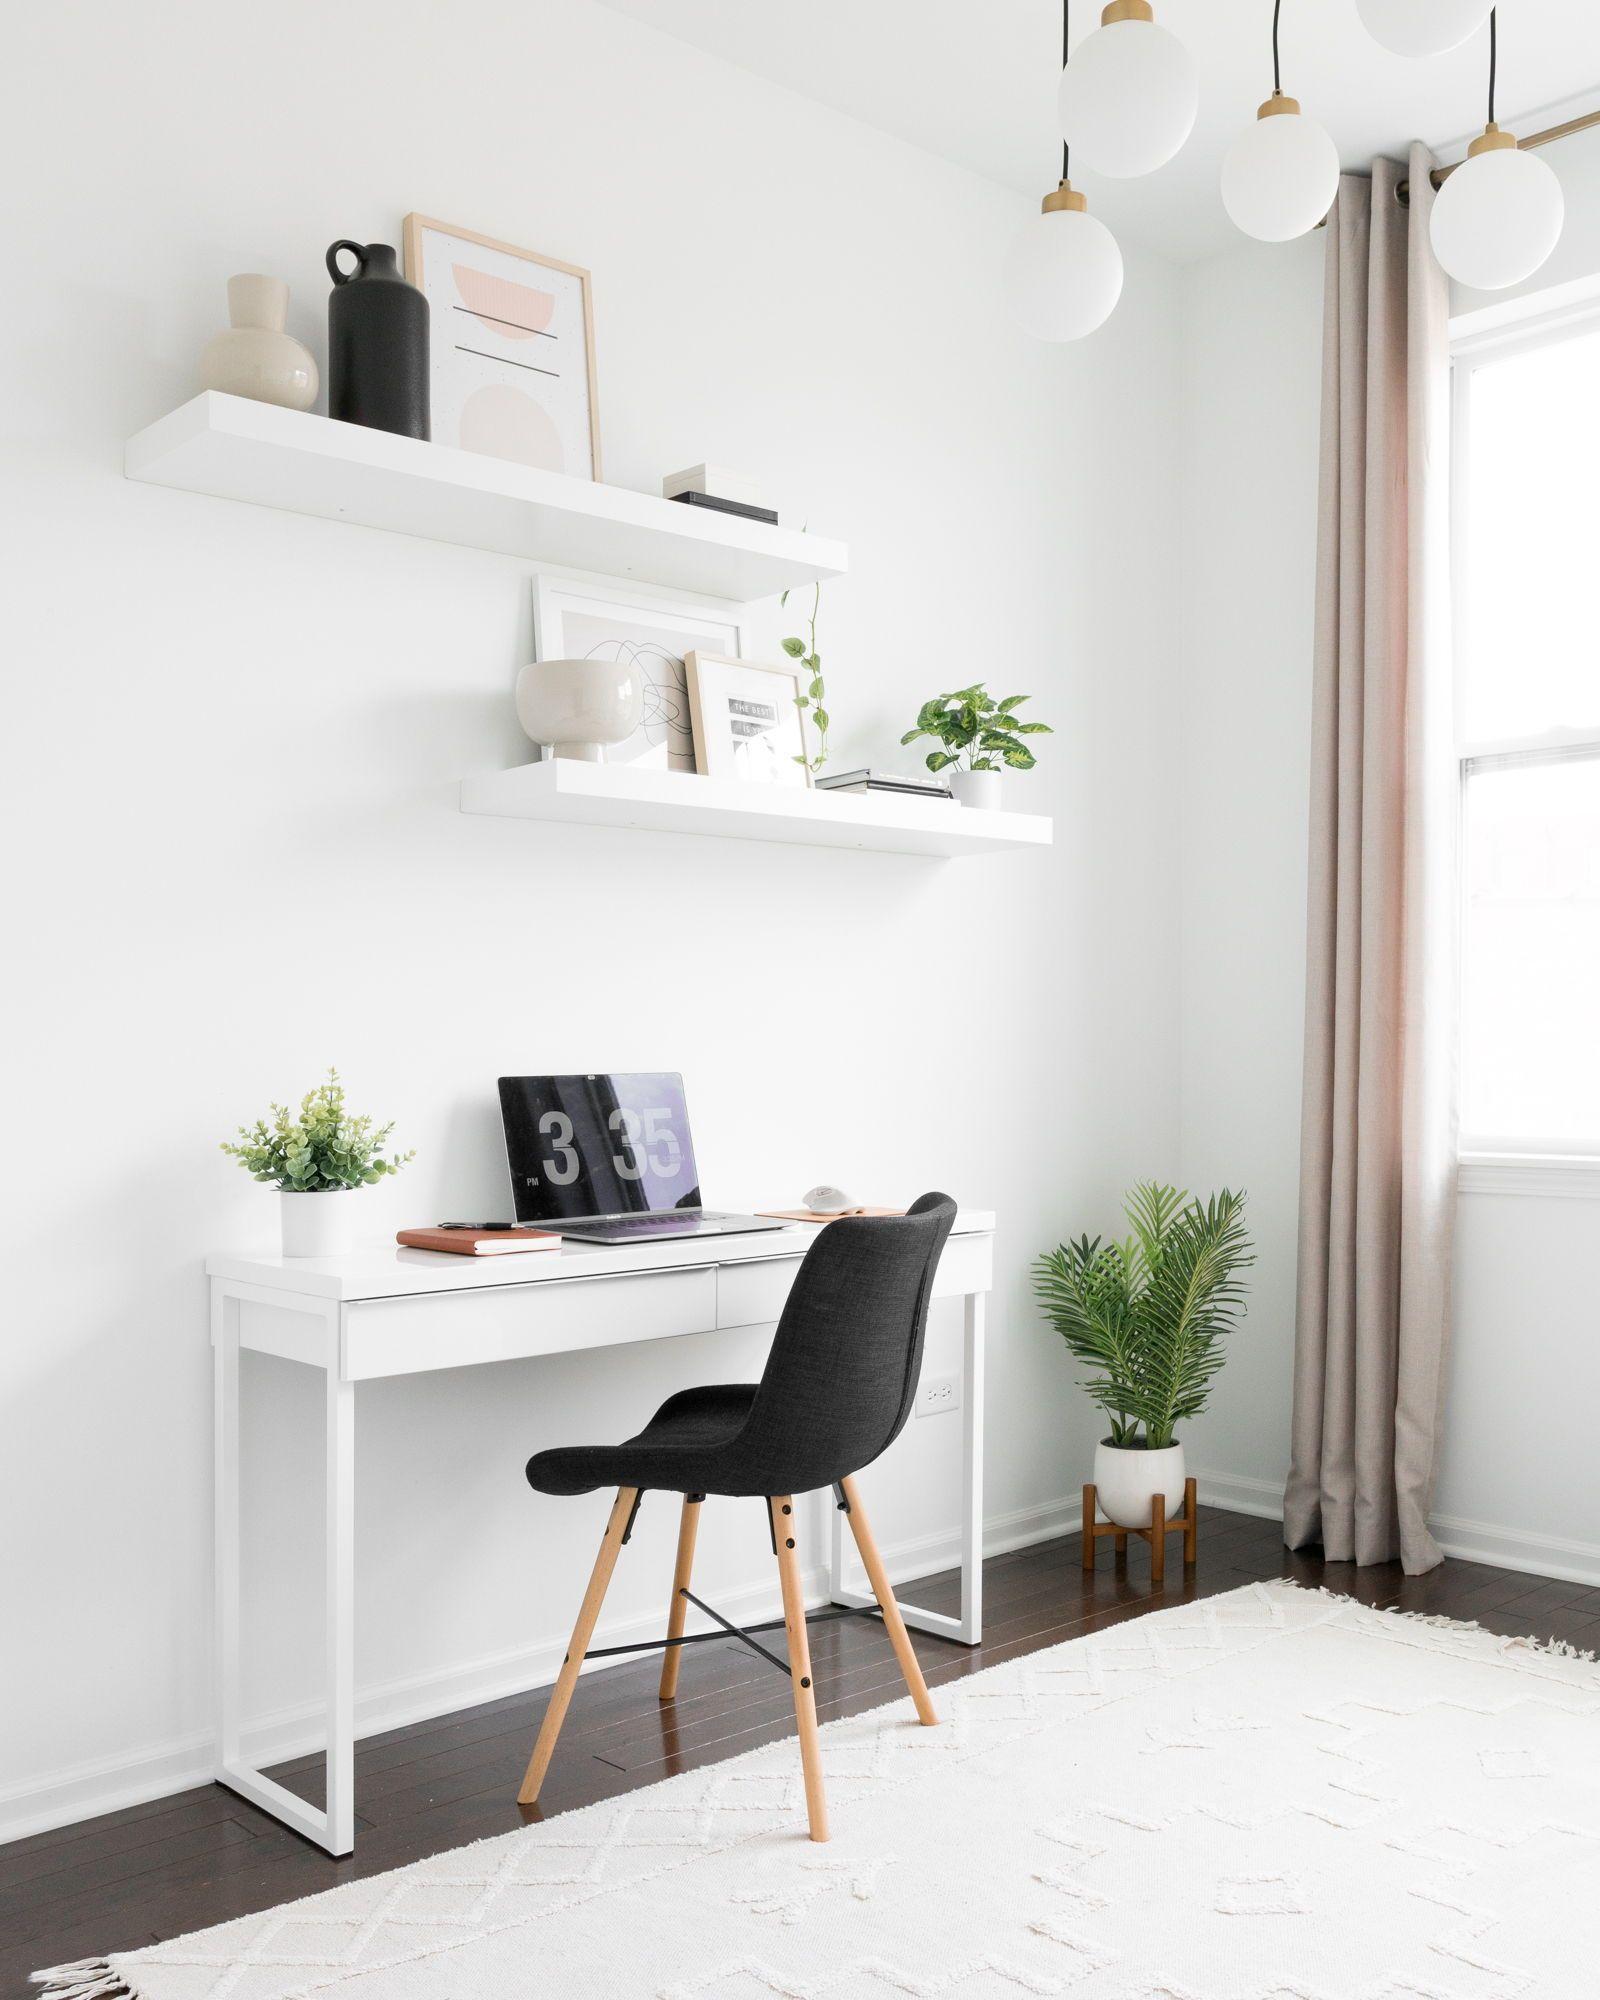 18 Modern Desks For A Scandinavian Home Office Desks Home Modern Office Scandinavian In 2020 Modern Home Office Ikea Home Office Minimalist Office Desk